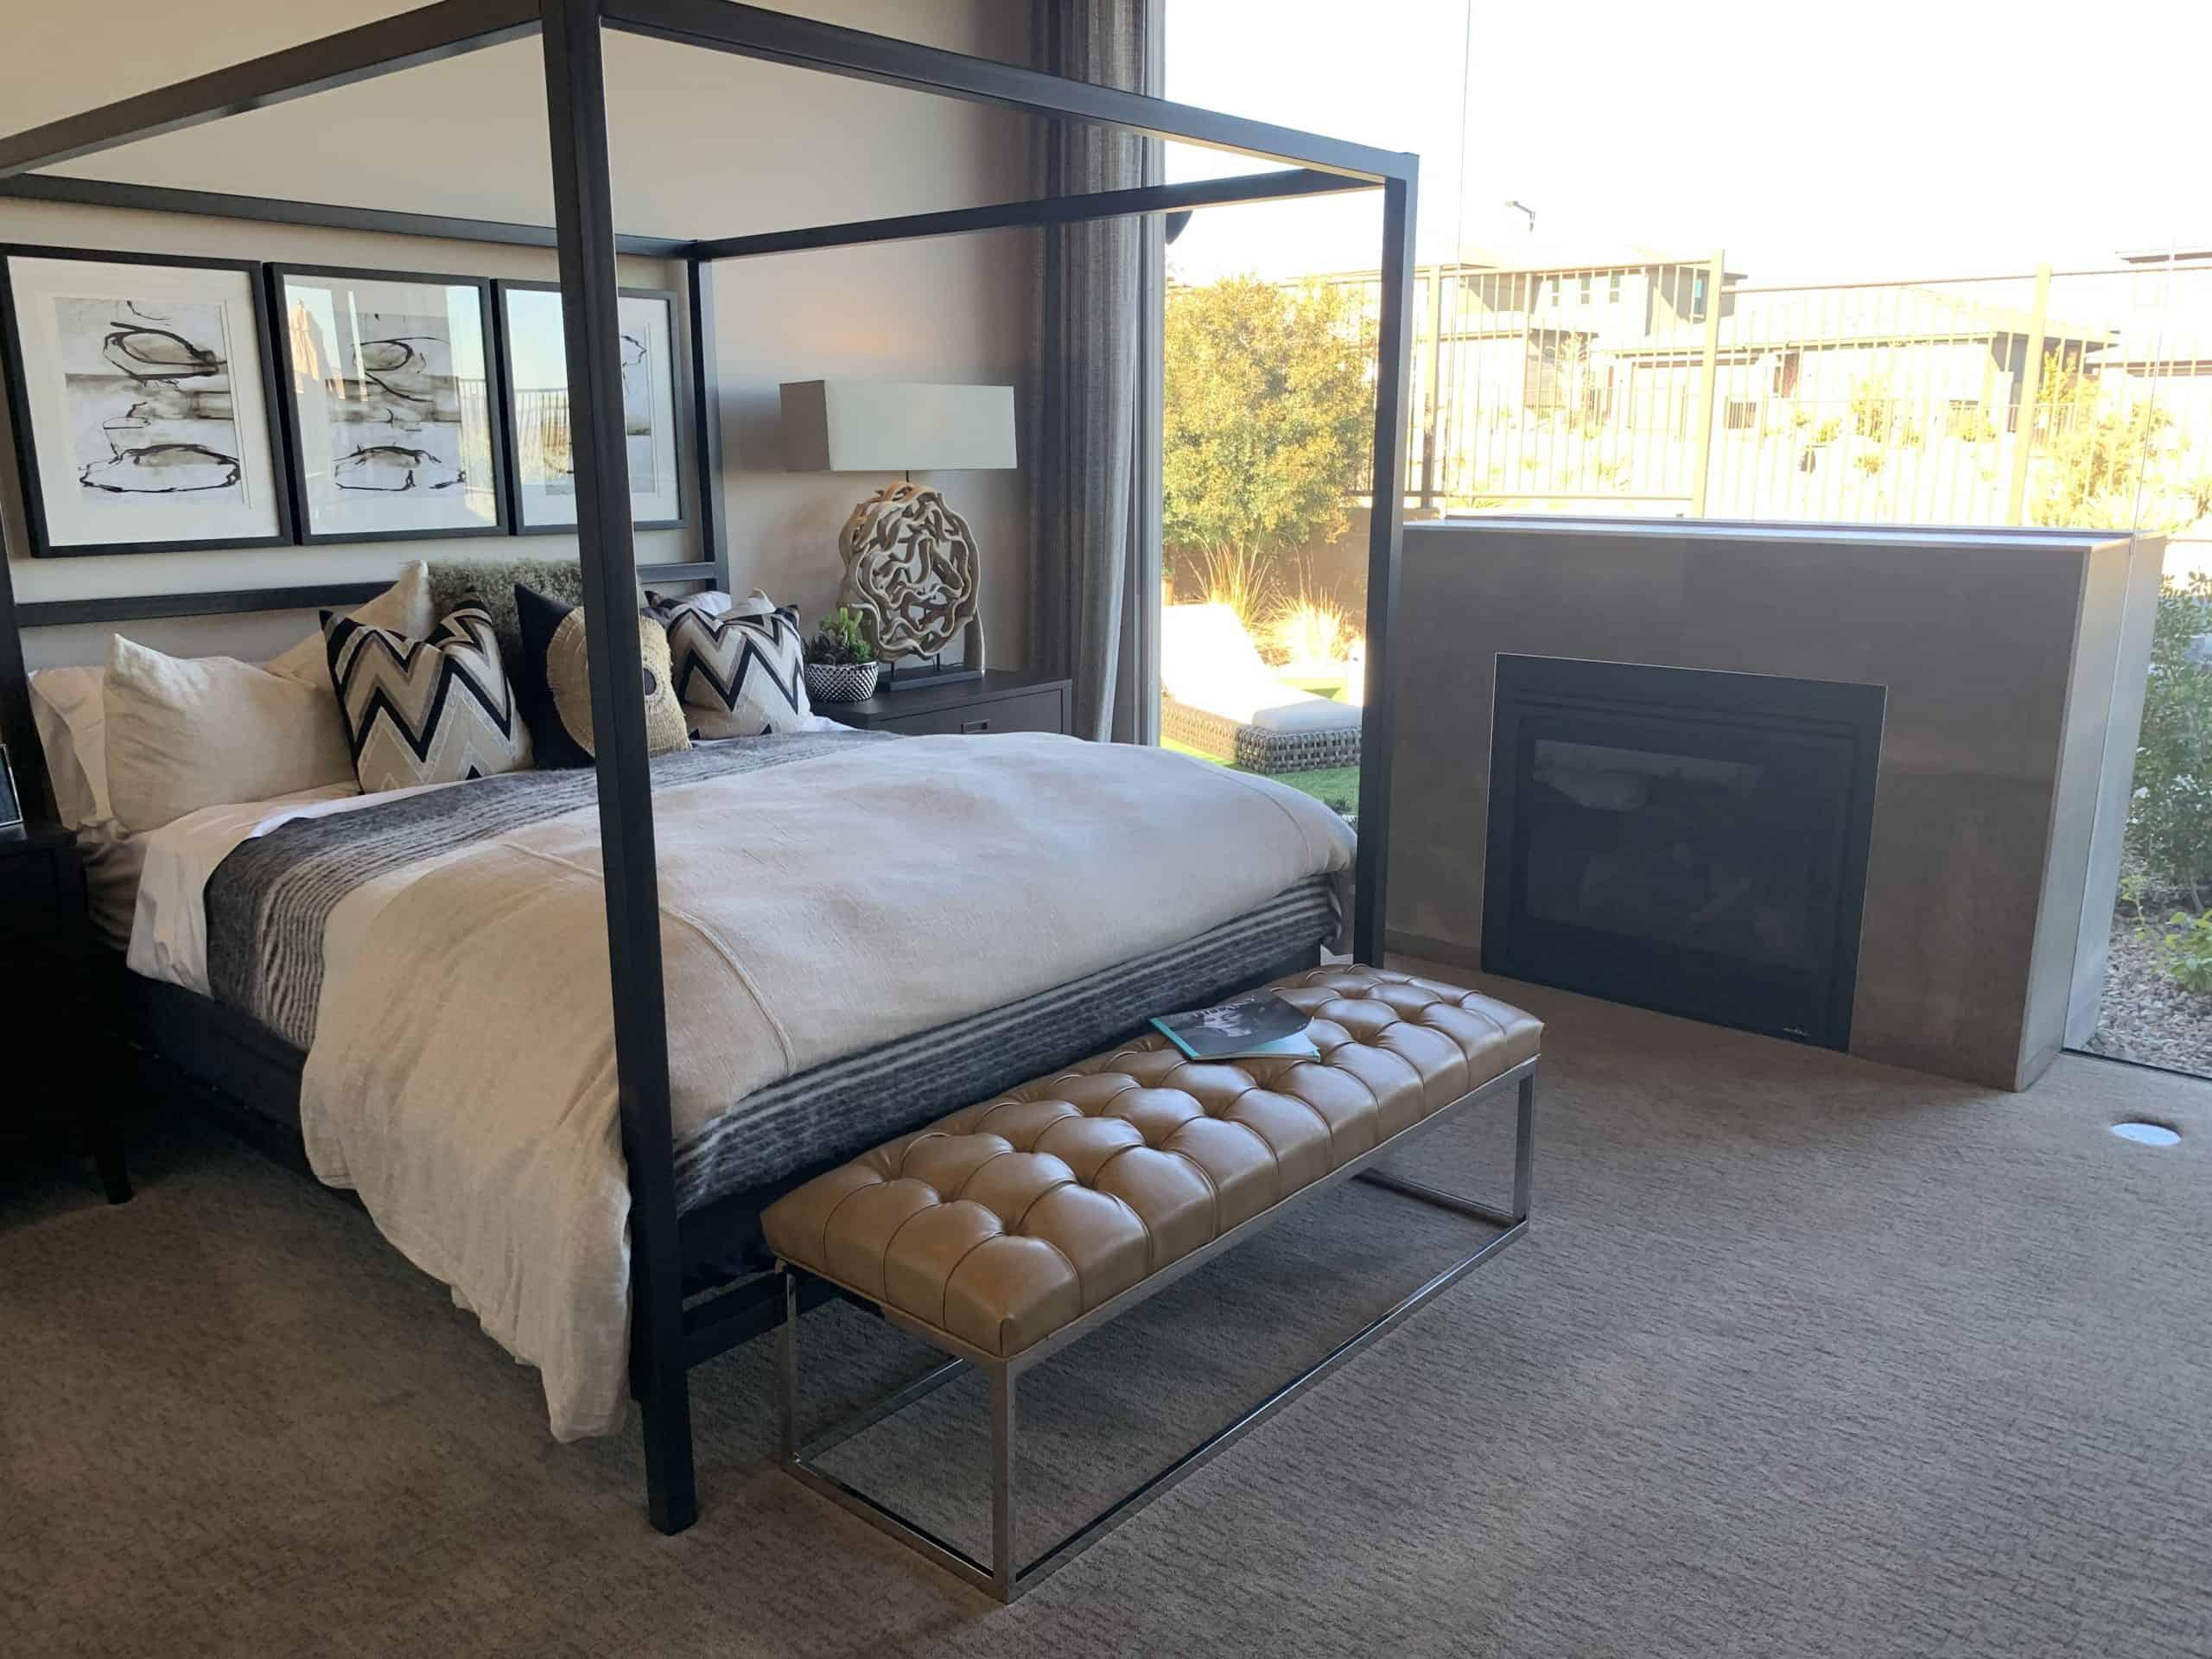 Mater Bedroom Solstice Elite